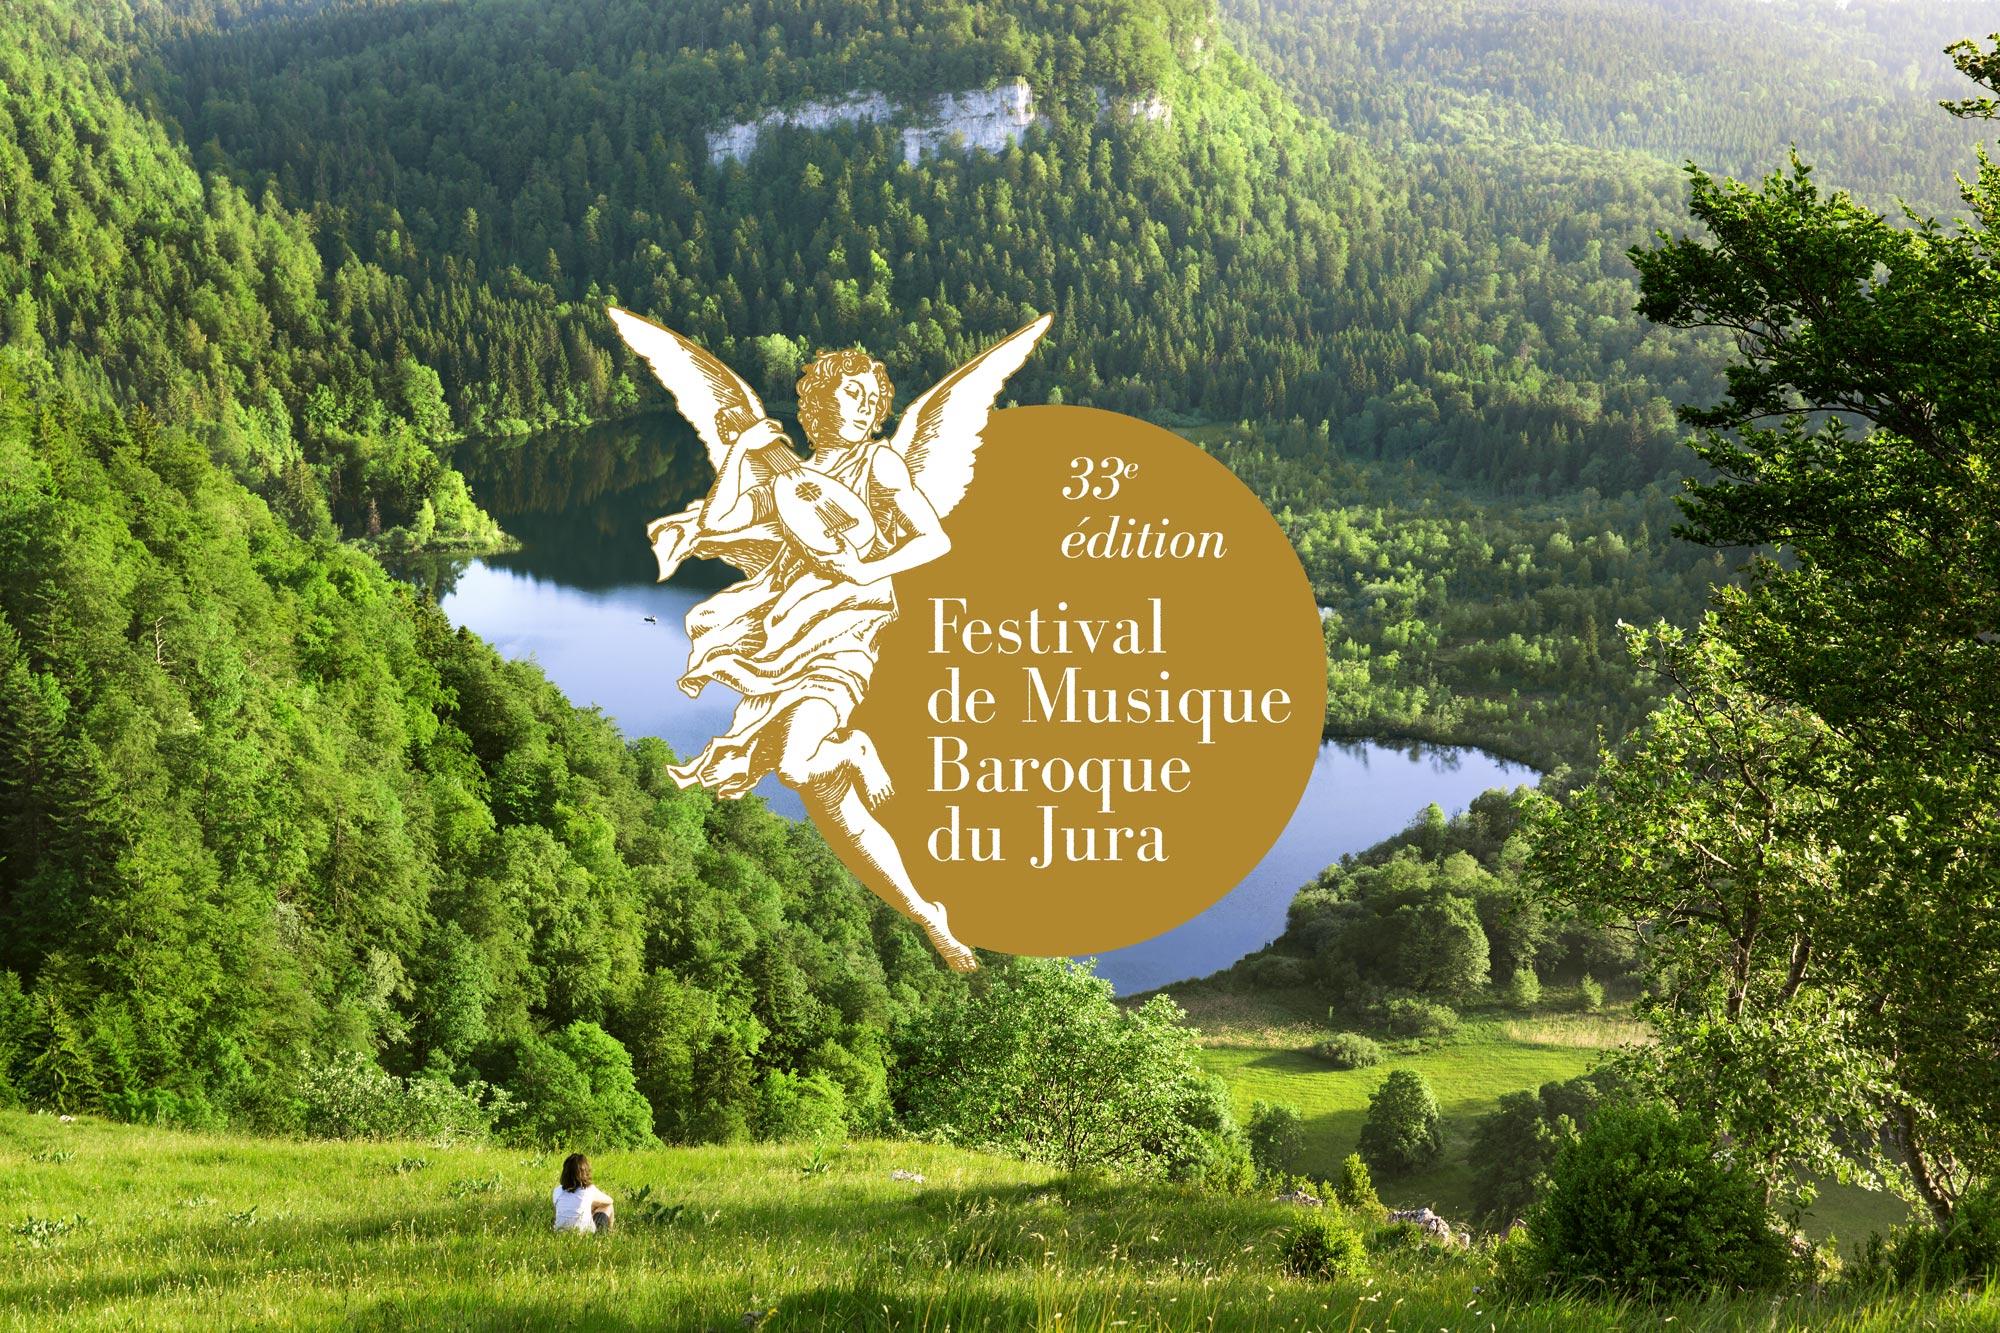 Festival de musique baroque du Jura – du 8 au 24 juin 2018